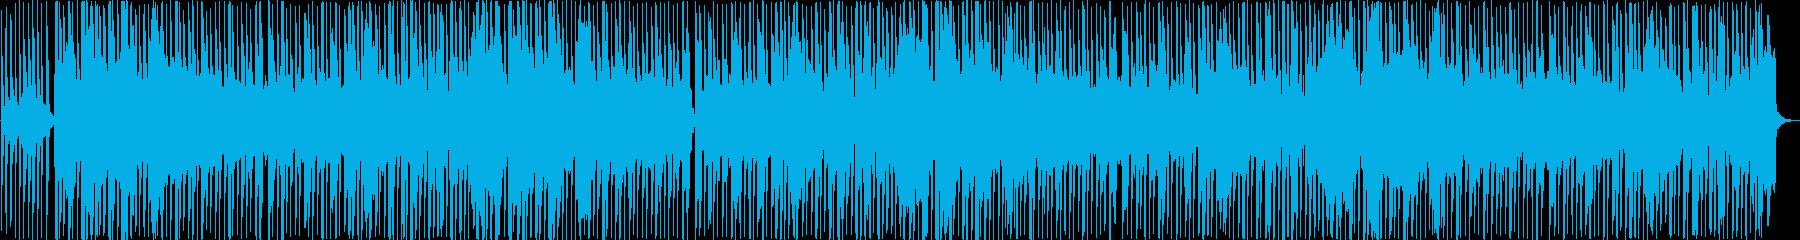 ダンスボールルーム。マズルカ。の再生済みの波形